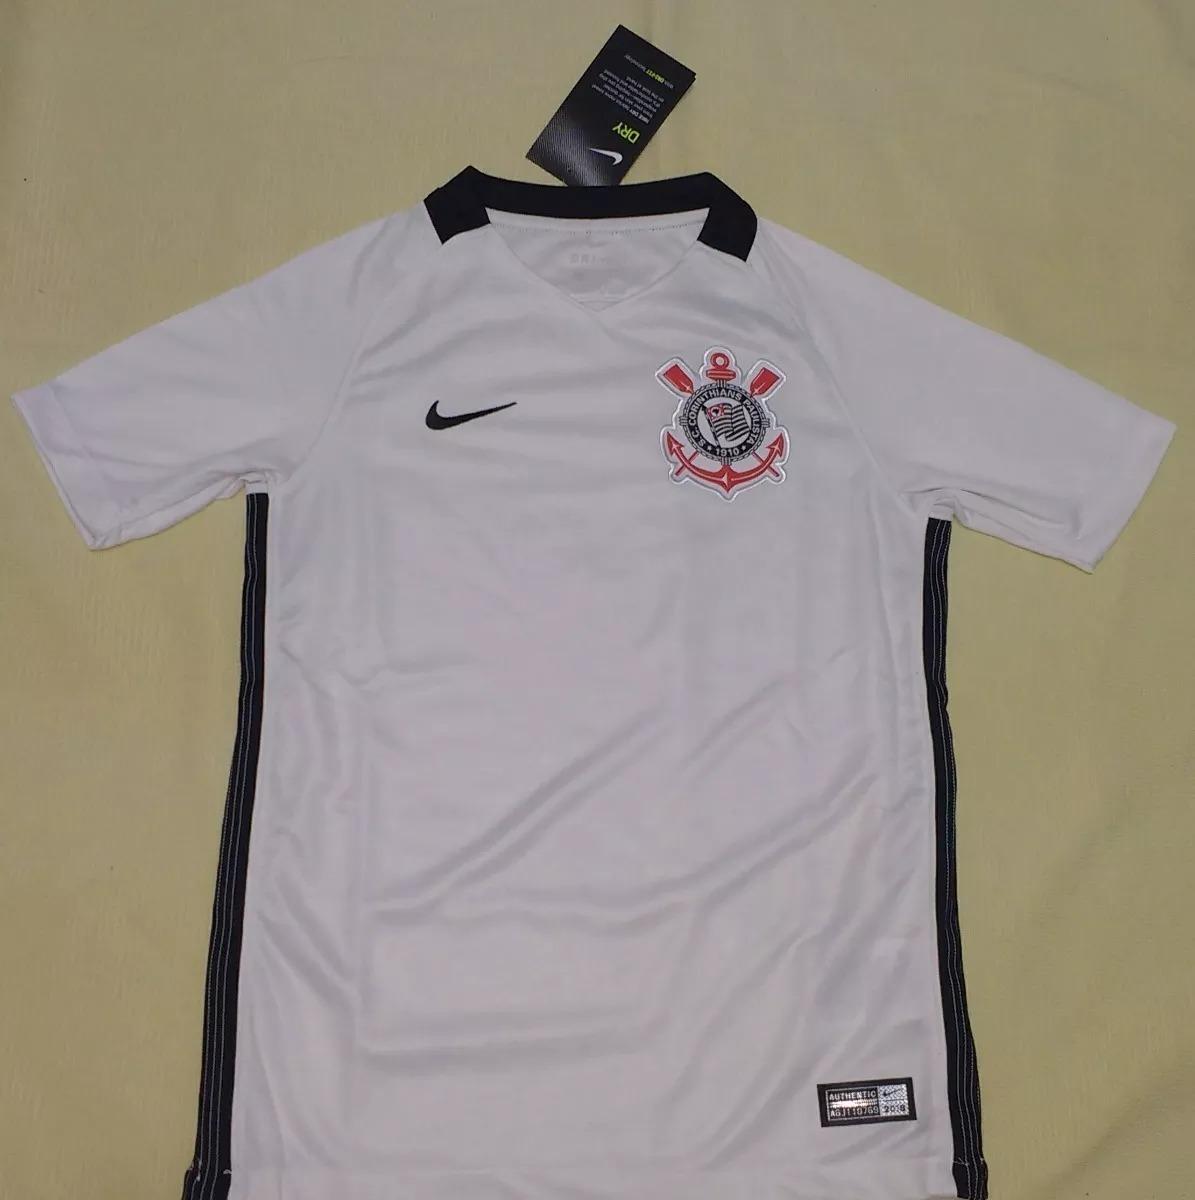 Camisa do Corinthians I 2018 Nike - Feminina 1ee0d0993aa4f2  camisa do  corinthians original 100% nike feminina - 78. Carregando zoom.  a6ee936b2c9aa0 ... dde8607b8bad1